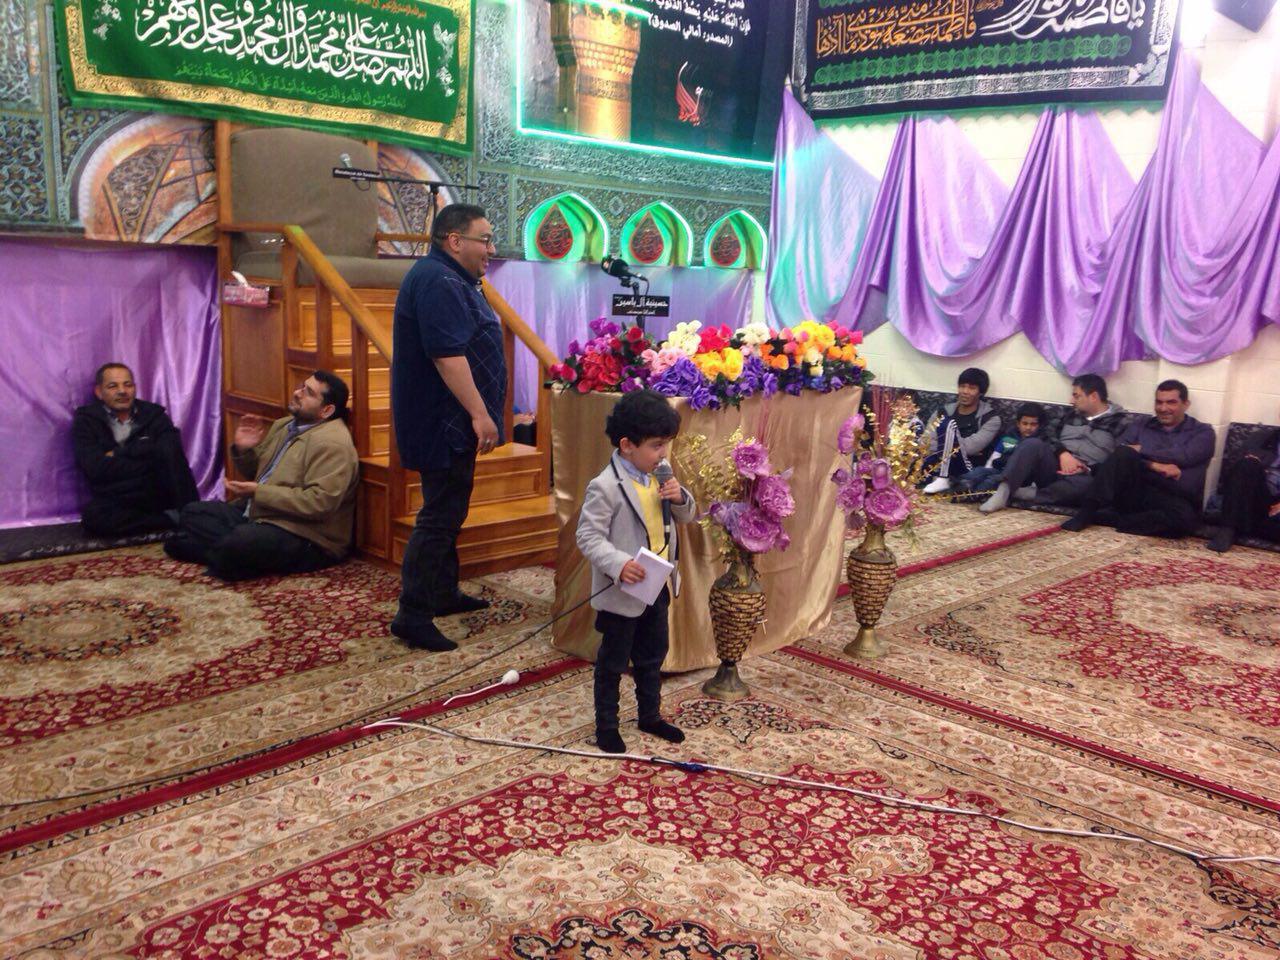 Photo of بمناسبة ولادة السيدة فاطمة المعصومة (ع) اقامة احتفال بهيج في استراليا